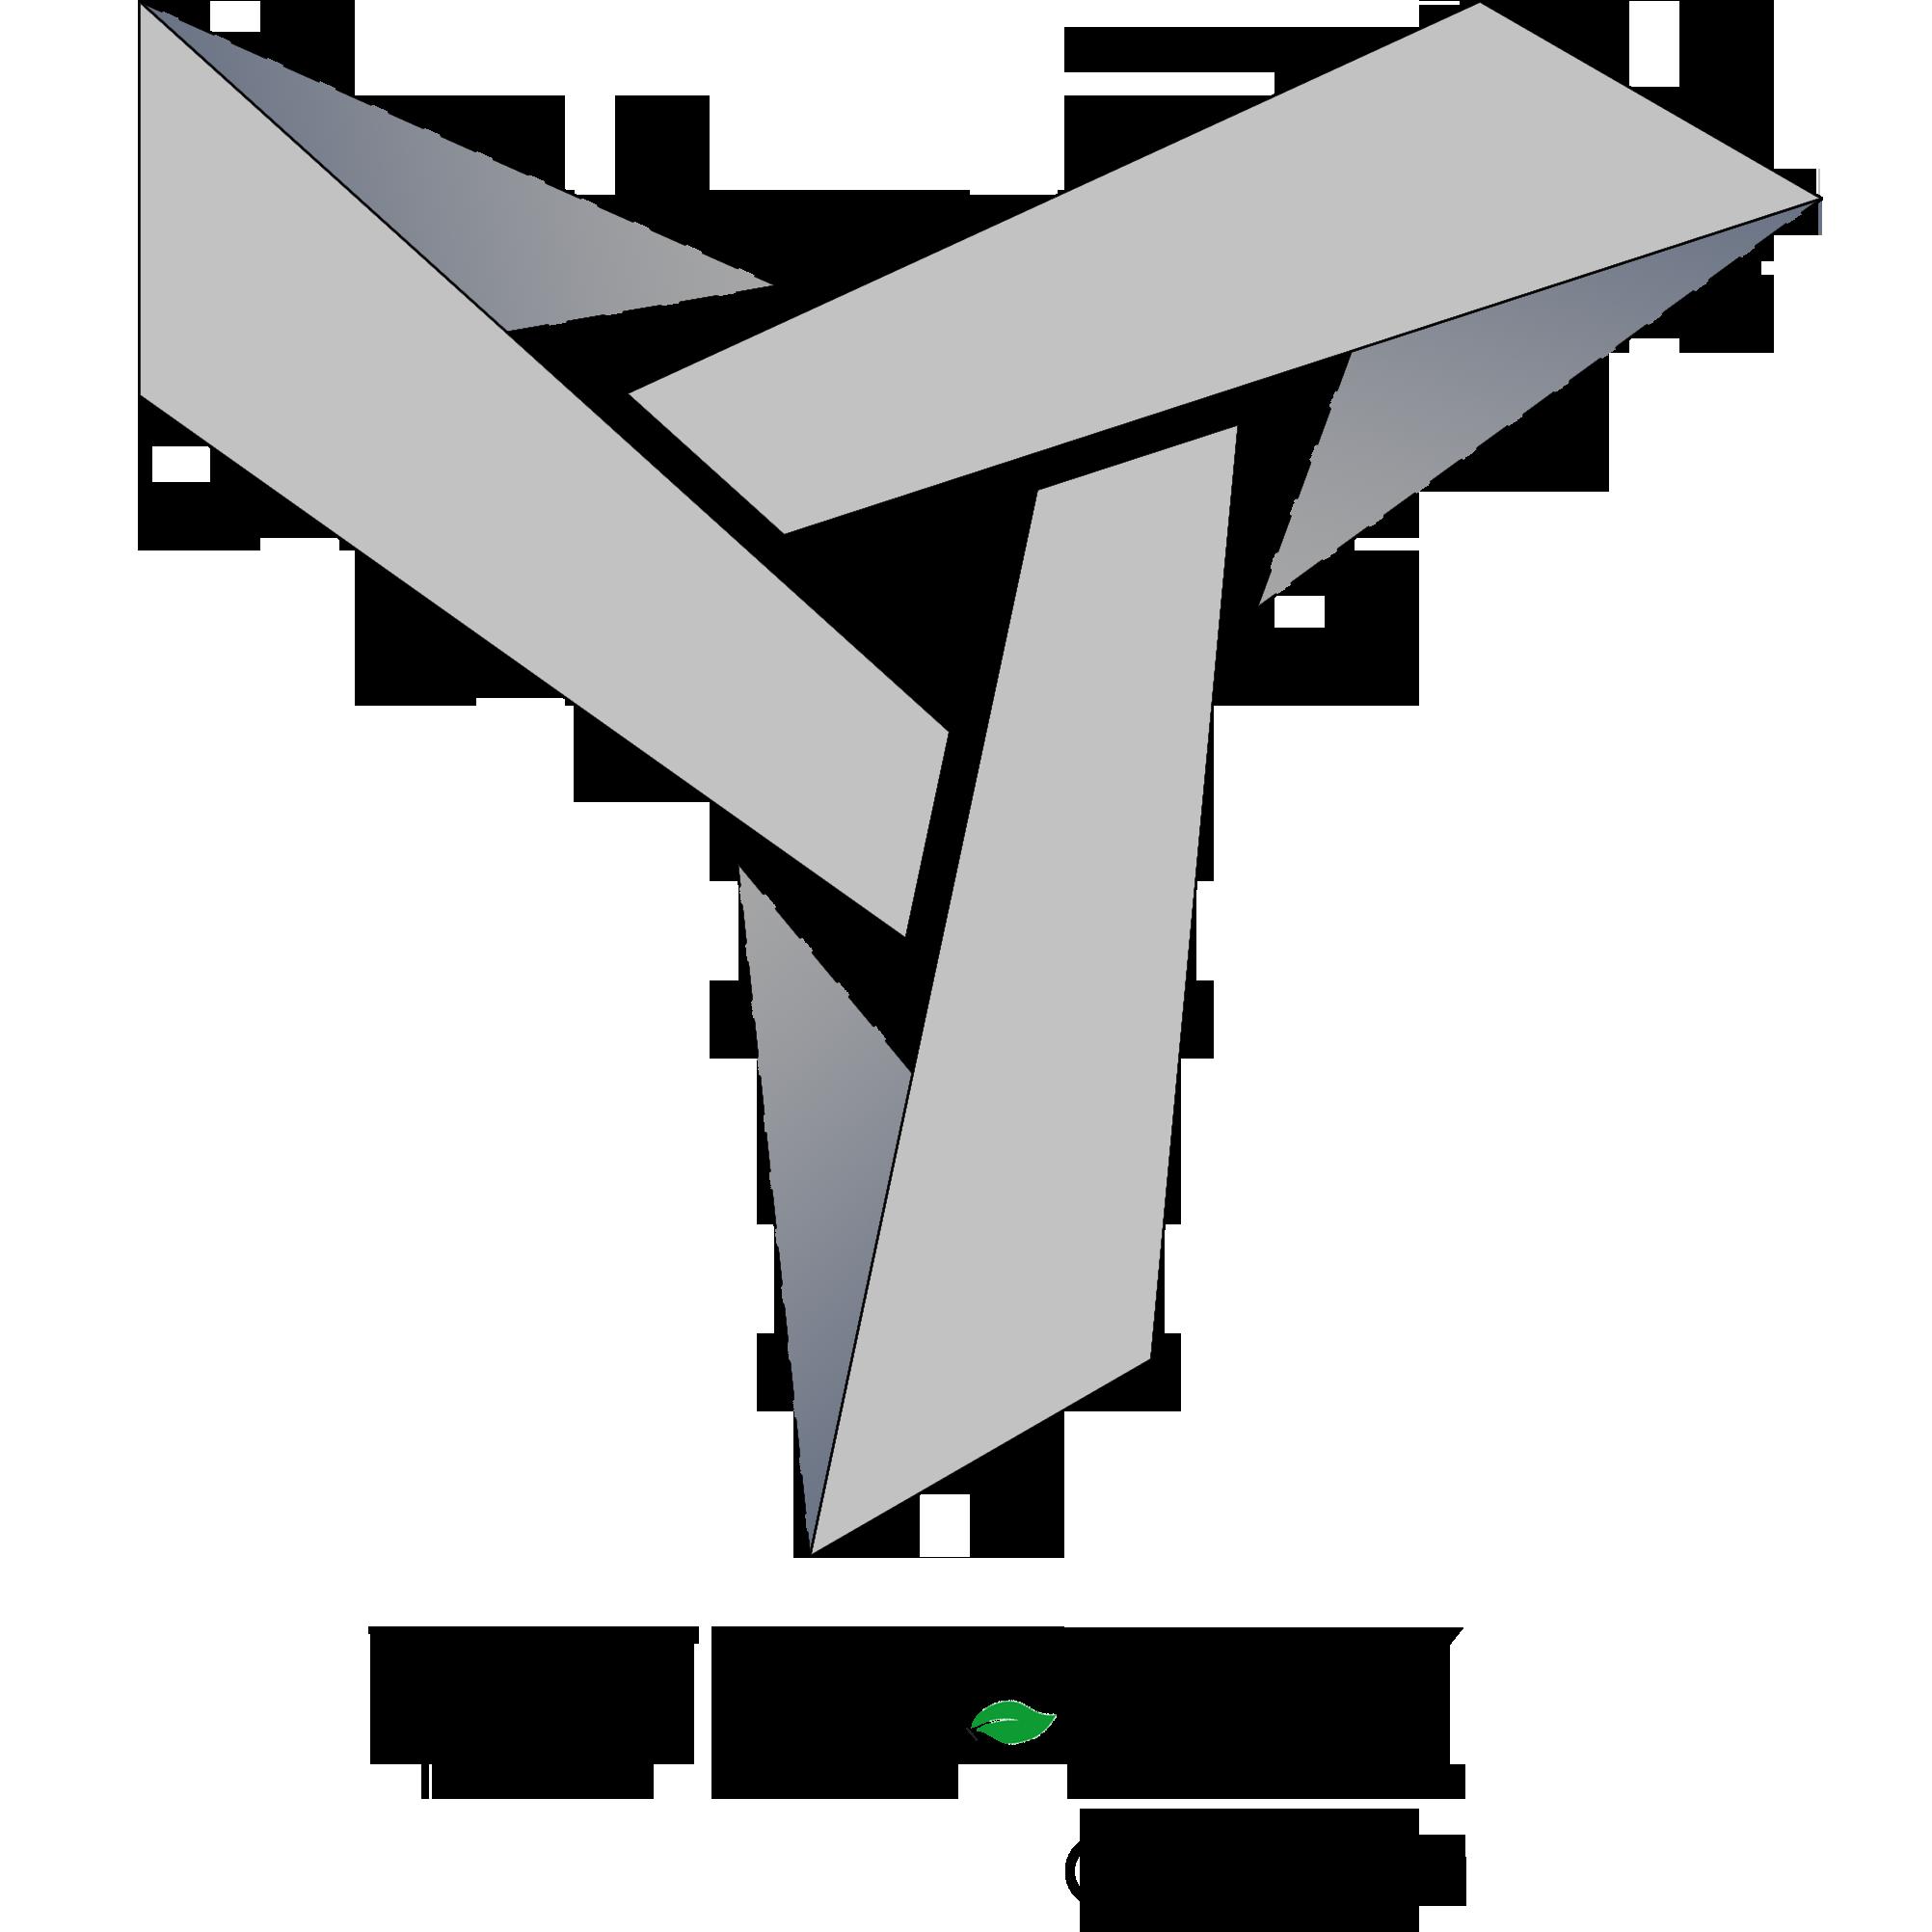 TeTra-Trik design